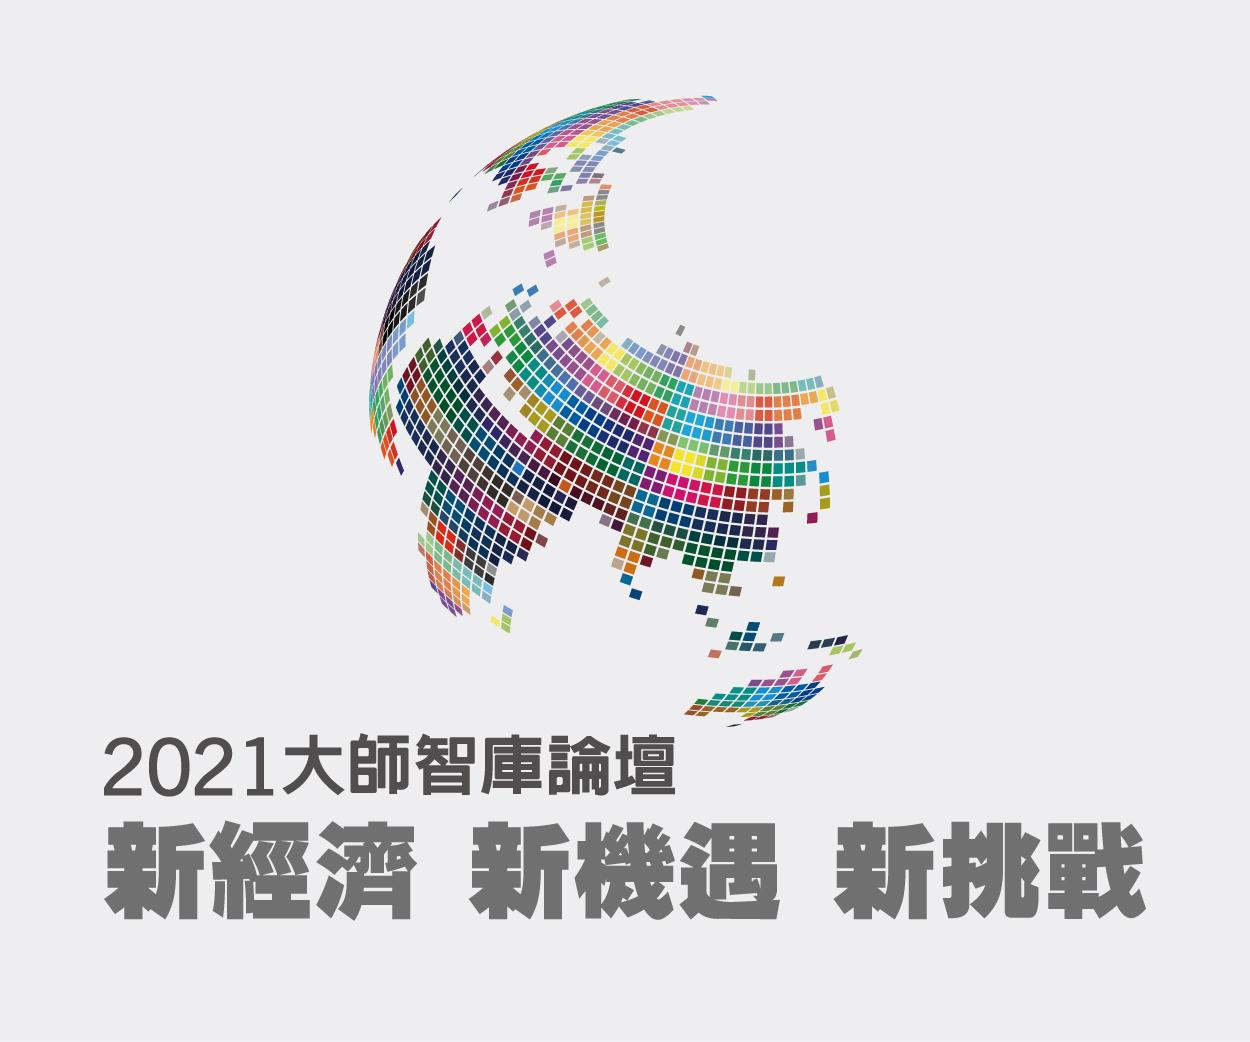 2021大師智庫論壇